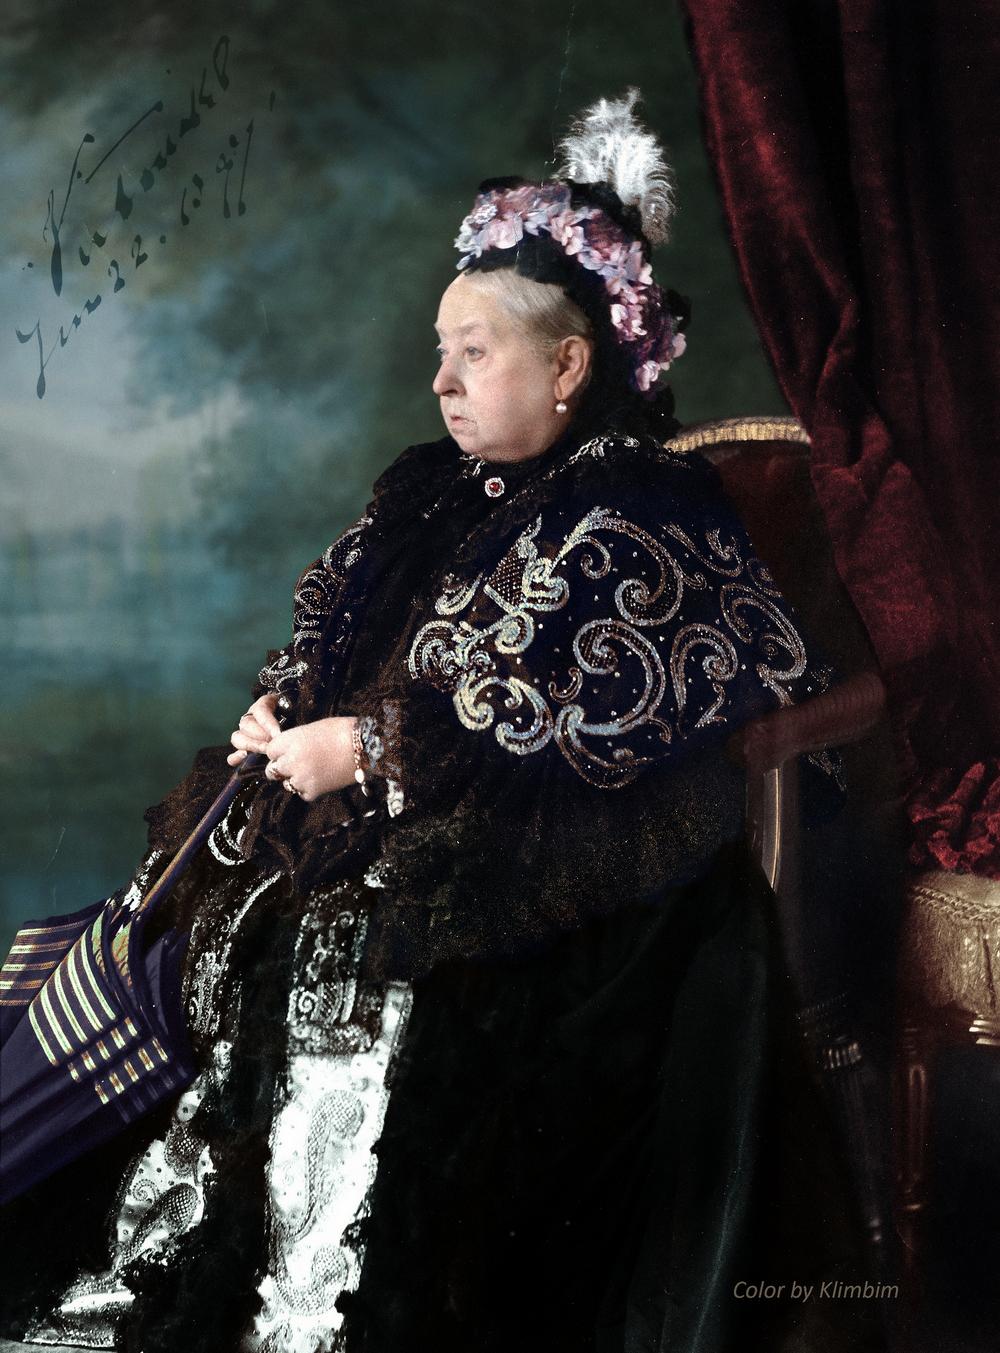 Ольга Ширнина. Раскрашивая исторические снимки.